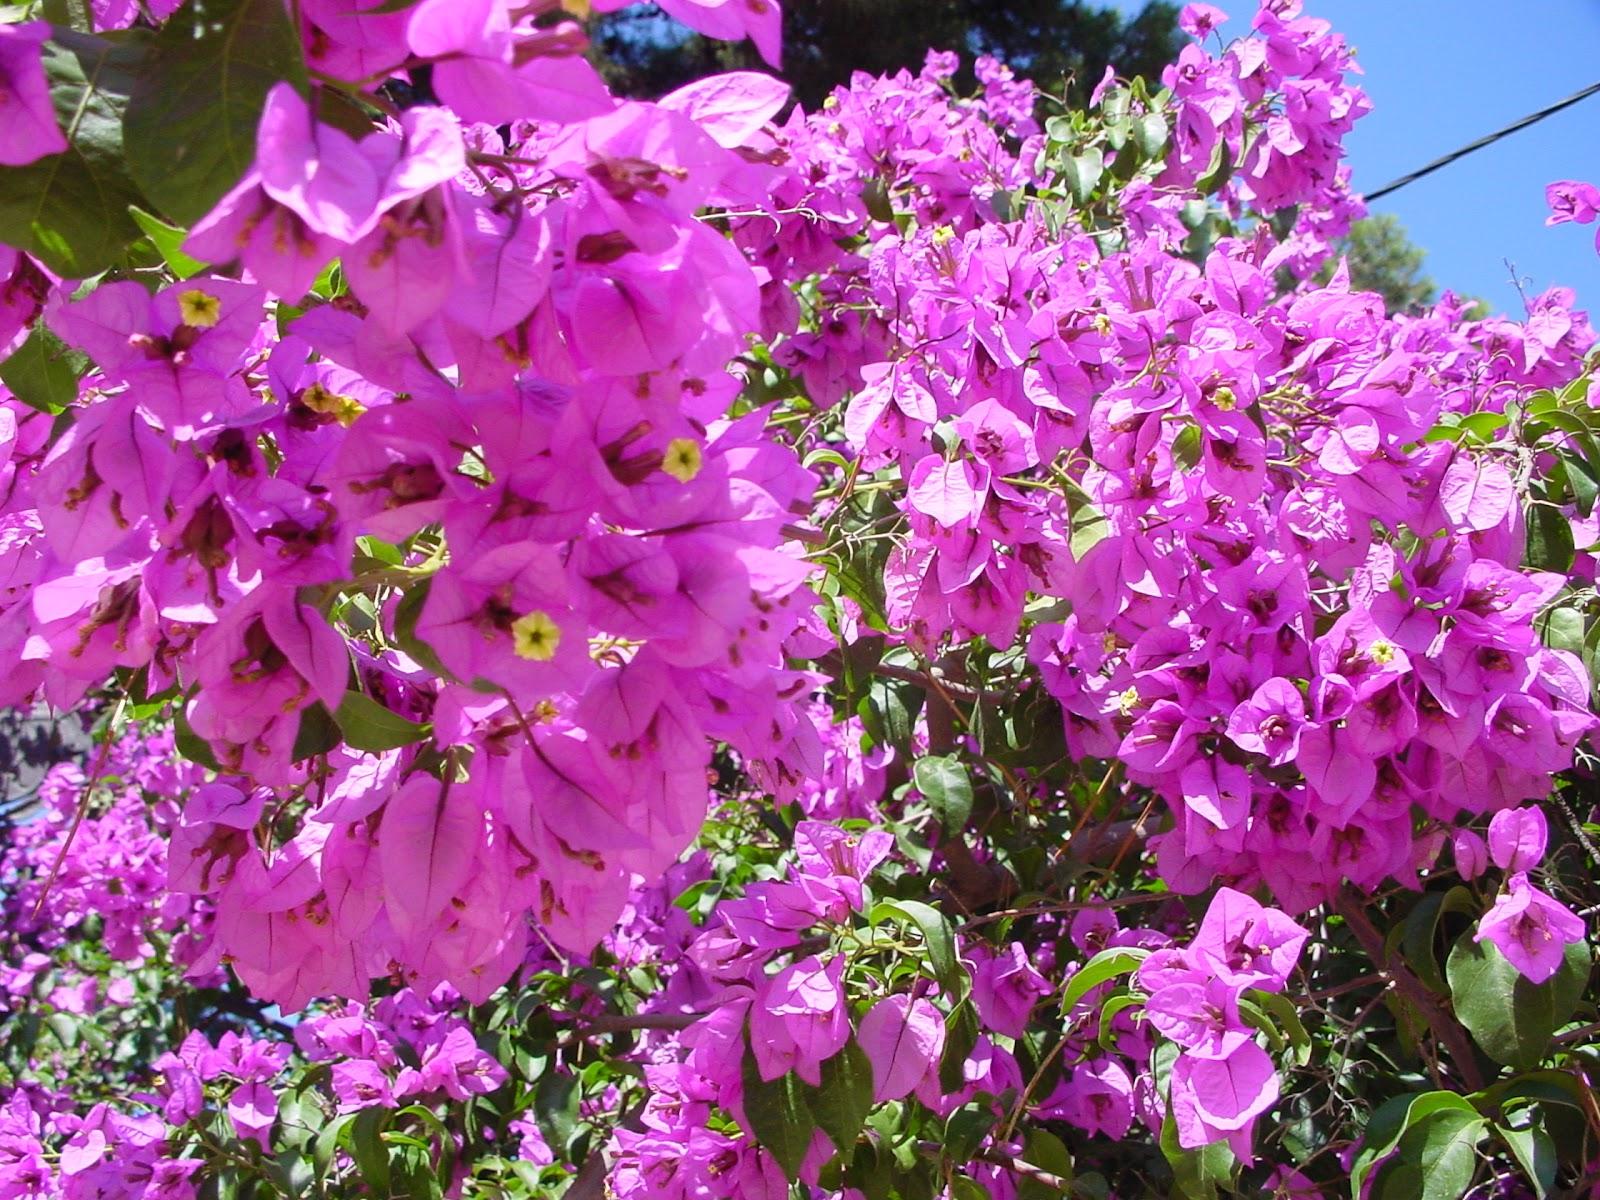 Jardineria eladio nonay damos la bienvenida al verano - Jardineria eladio nonay ...